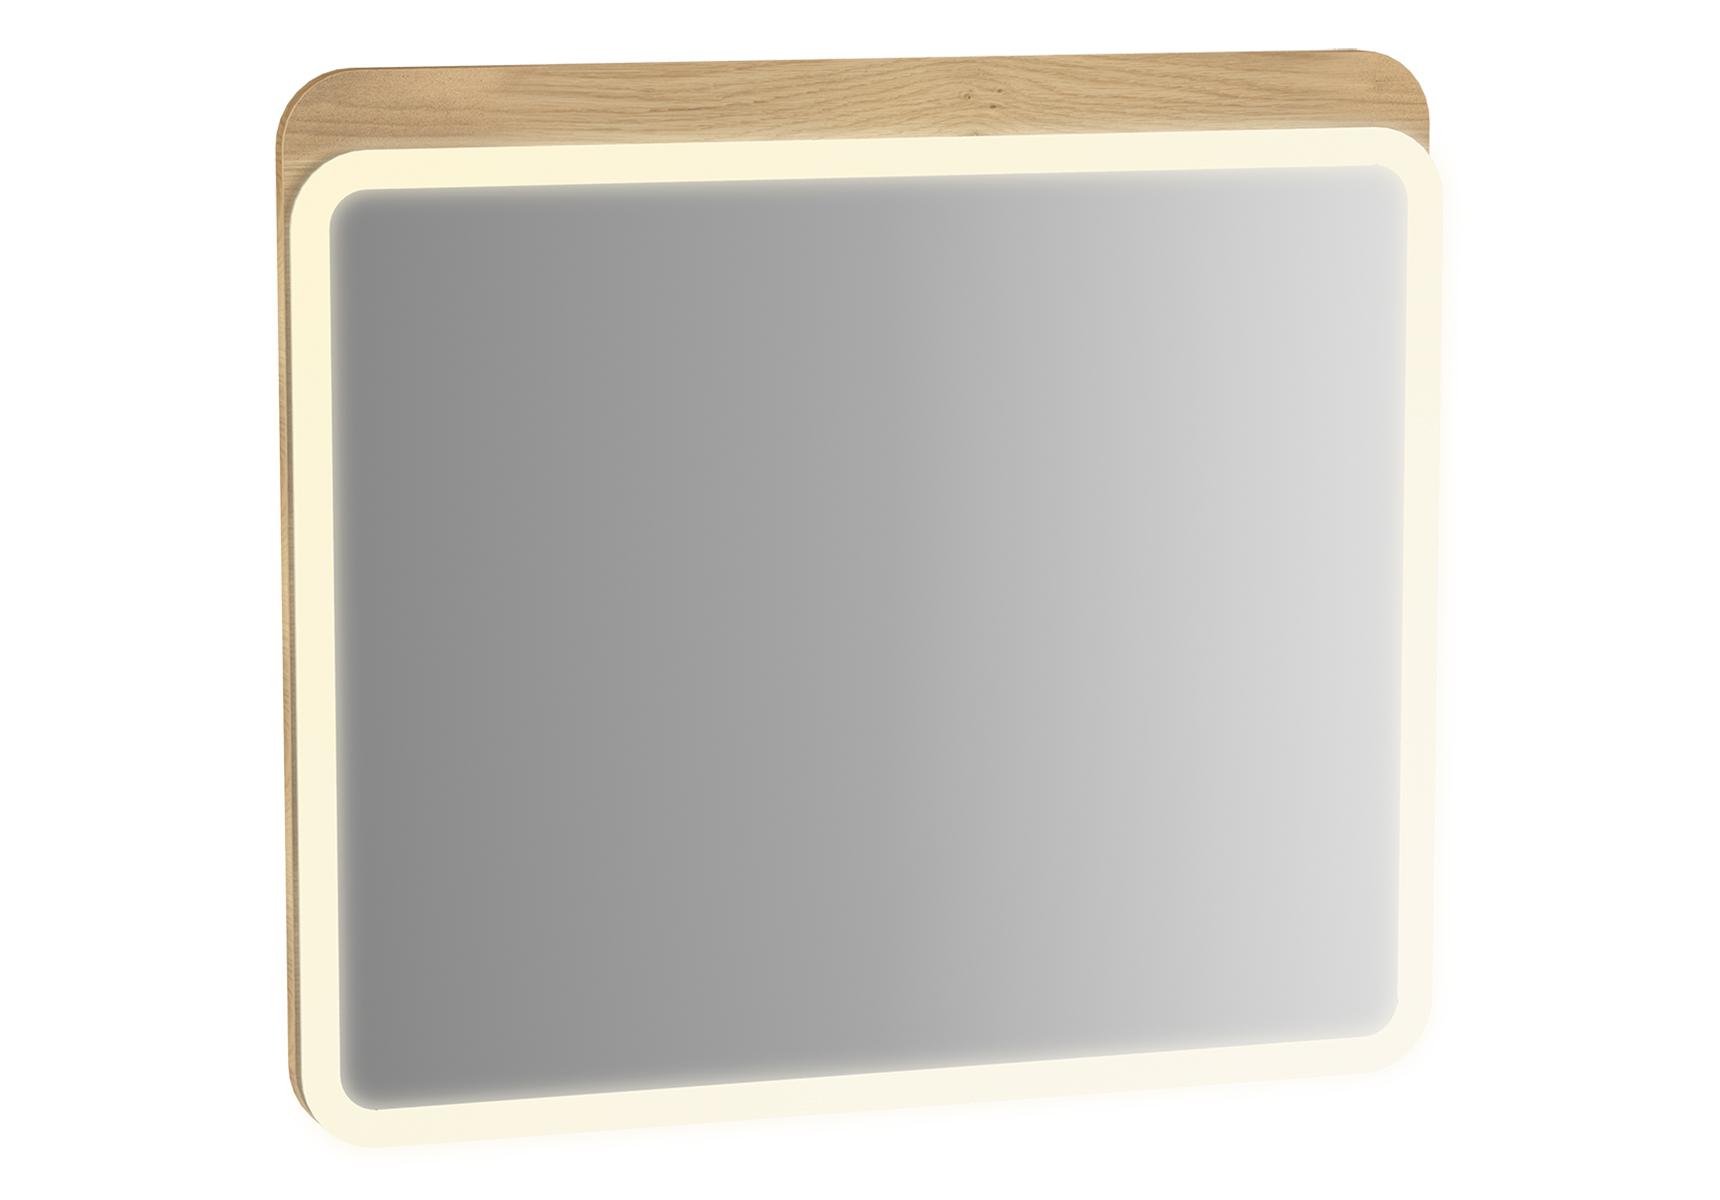 Sento miroir LED, 100 cm, décor chêne naturel, avec éclairage à LED péripherique